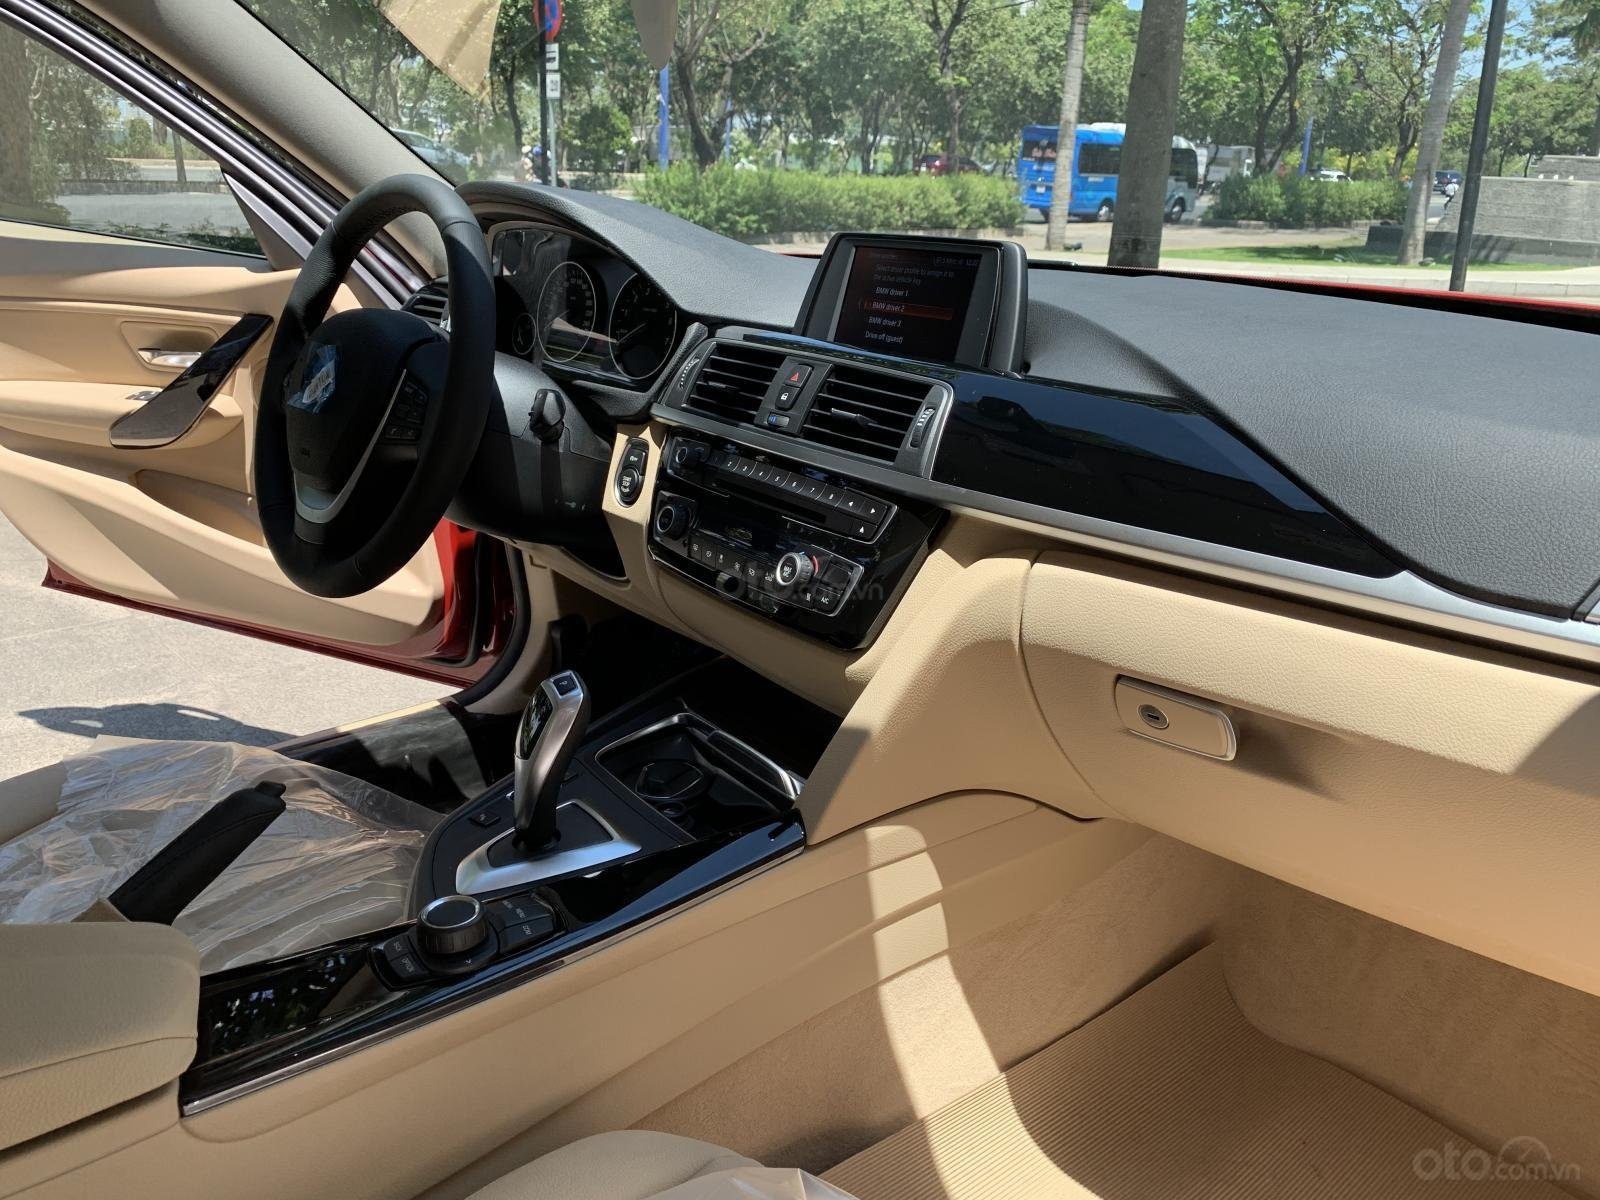 BMW 320i 2019 - KM 100% trước bạ - Liên hệ 0938308393-12